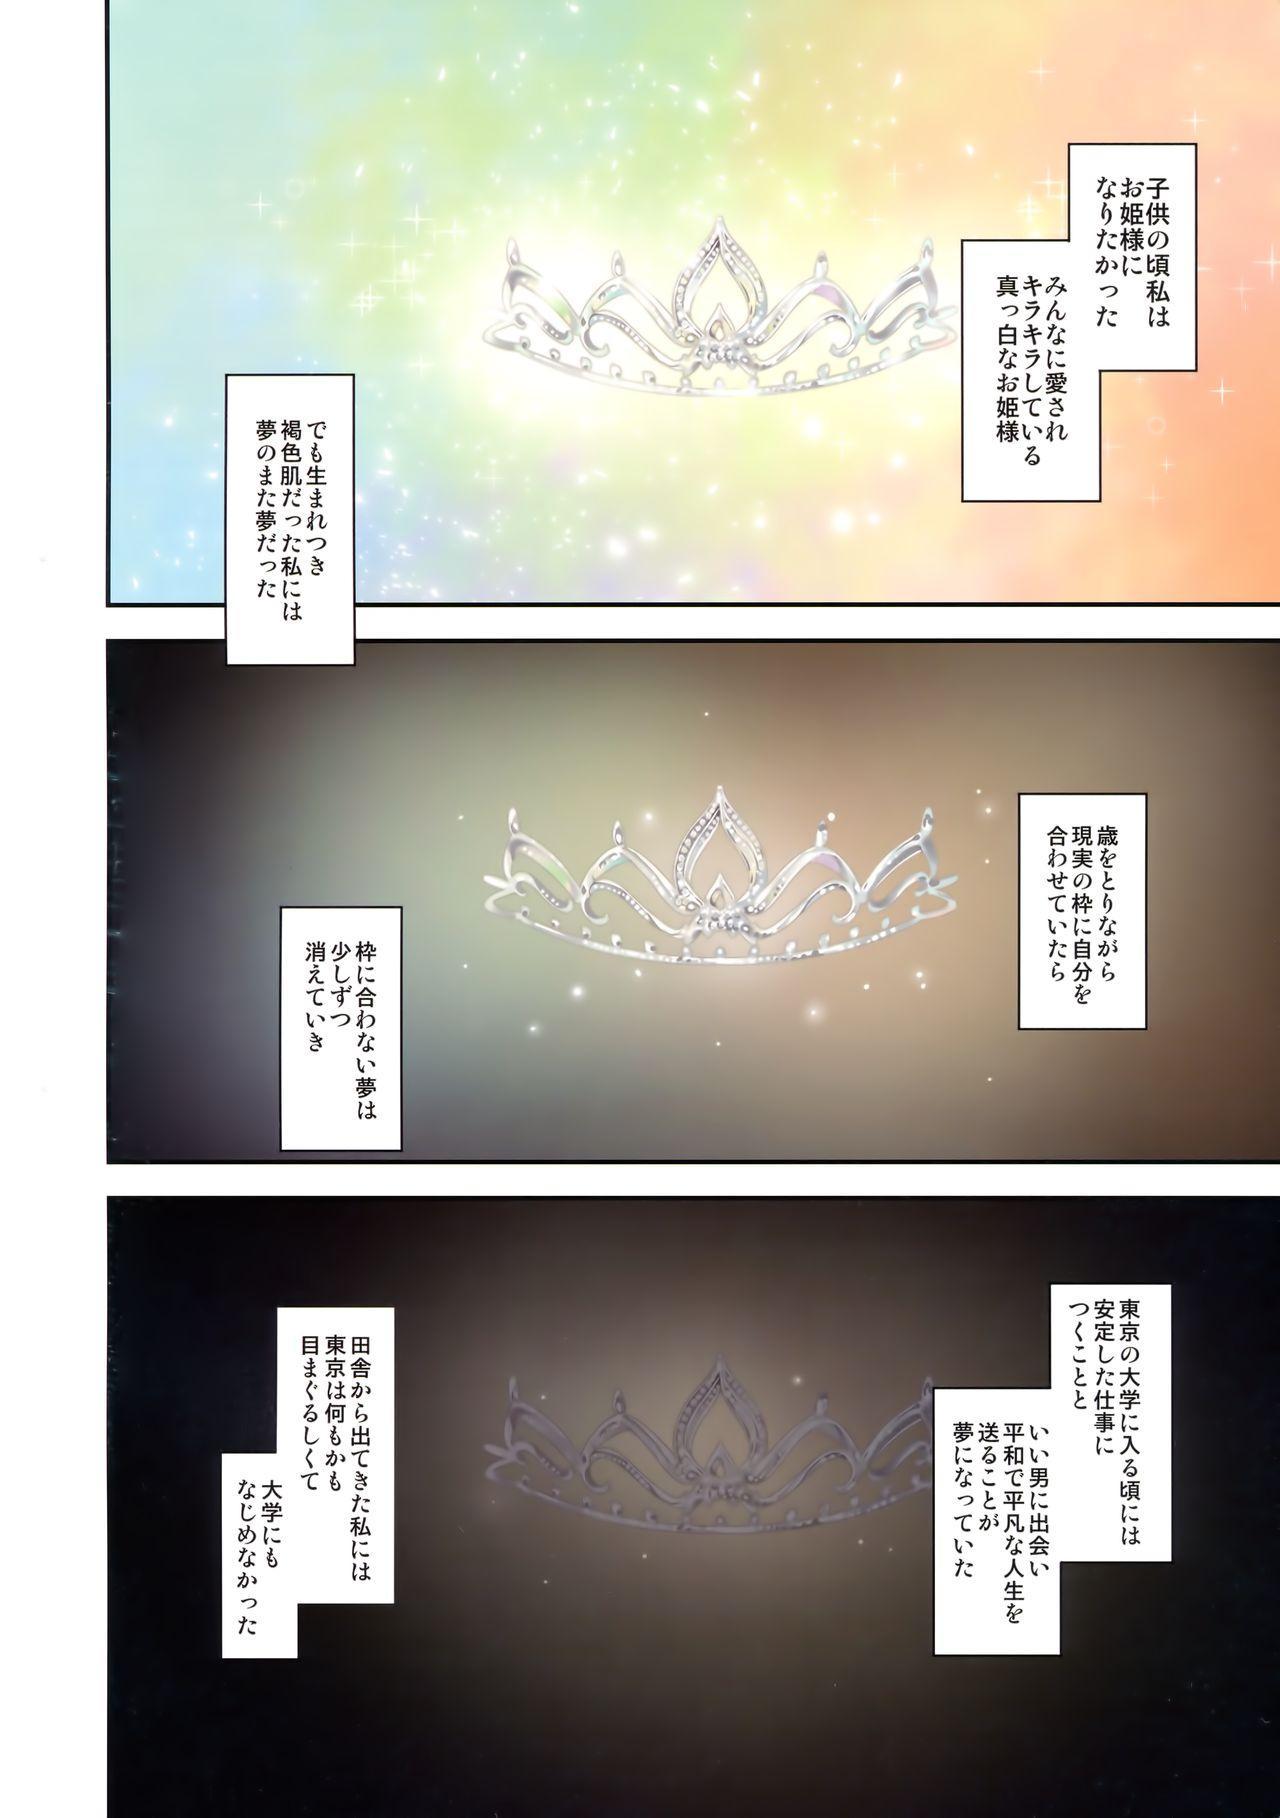 Ari Jigoku no Hime 1